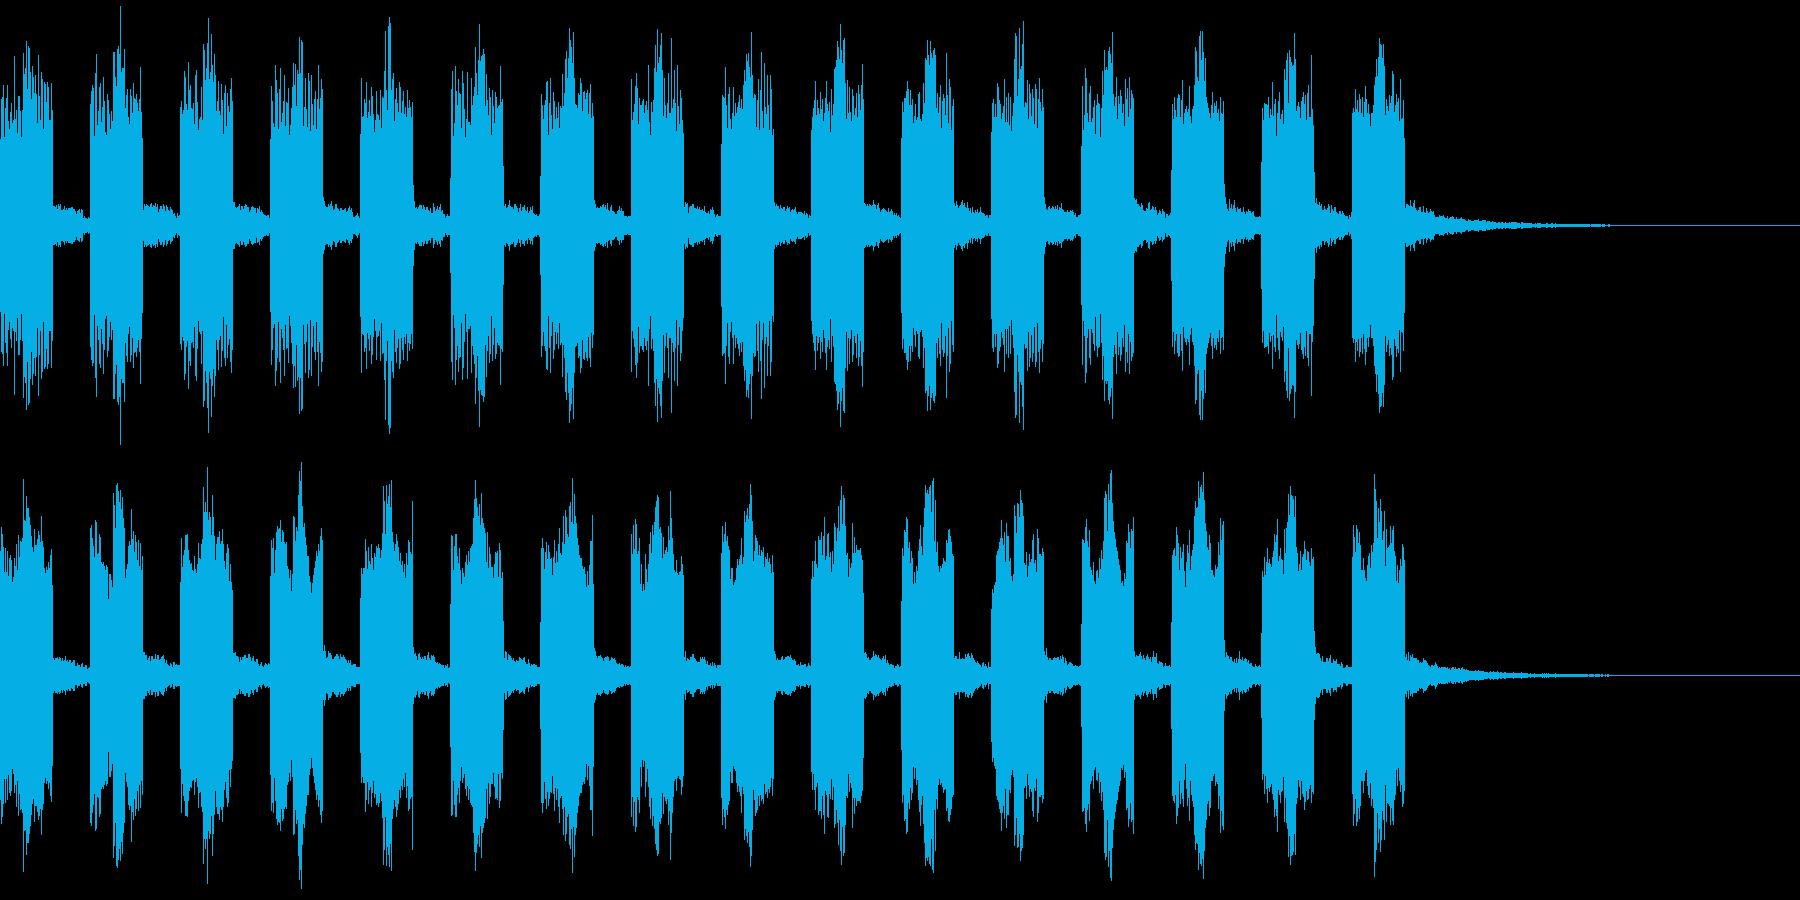 避難 サイレン 災害 警告 危険の再生済みの波形